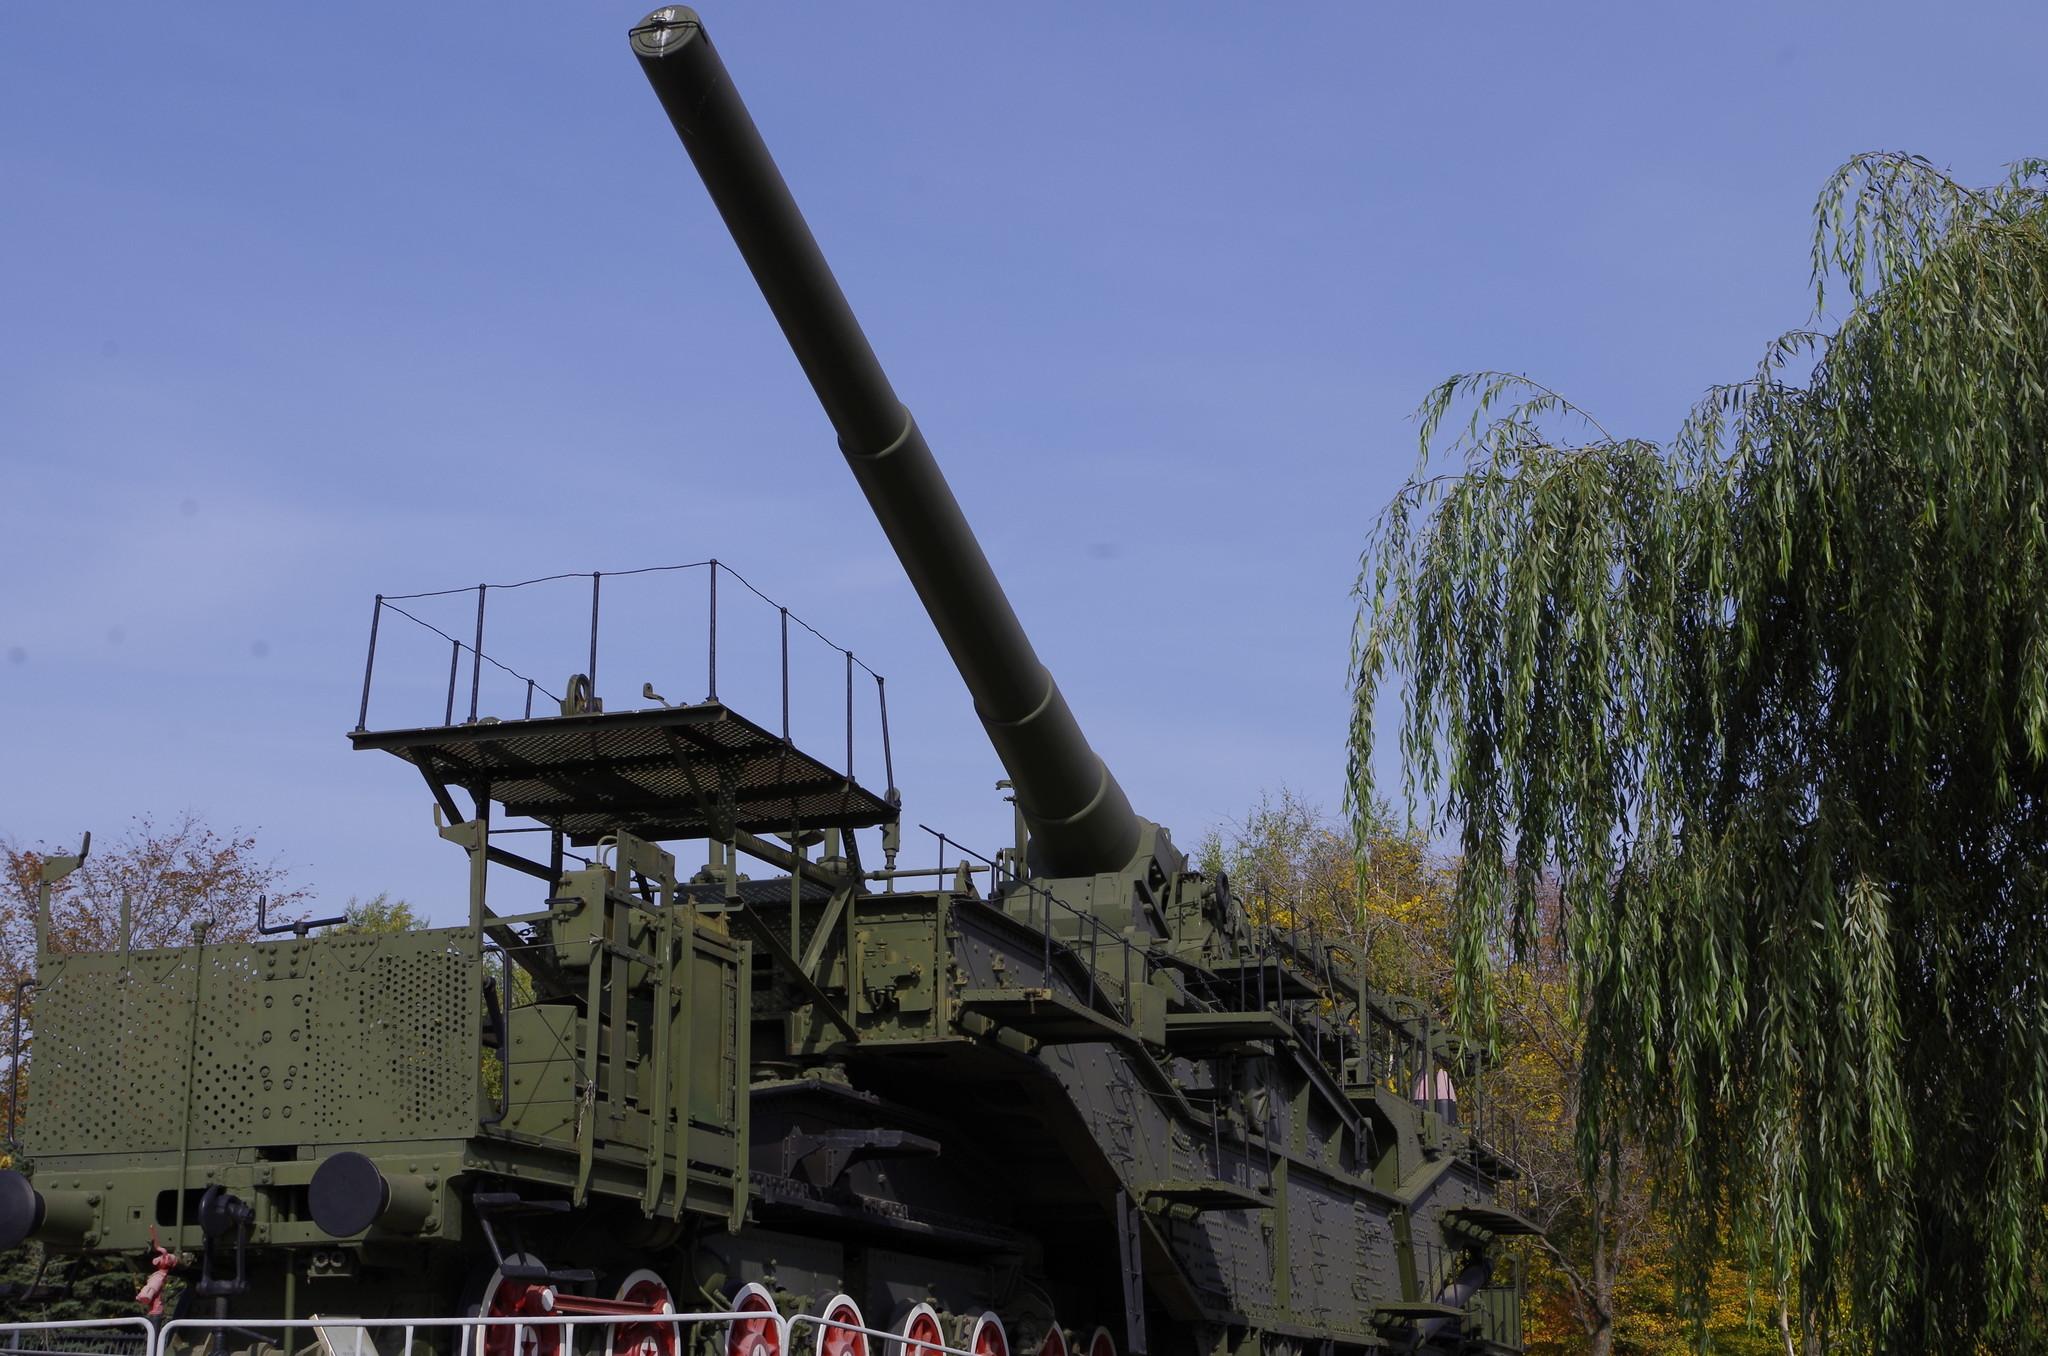 Сверхтяжёлая железнодорожная артиллерийская система TM-III-12 (Музей Победы)